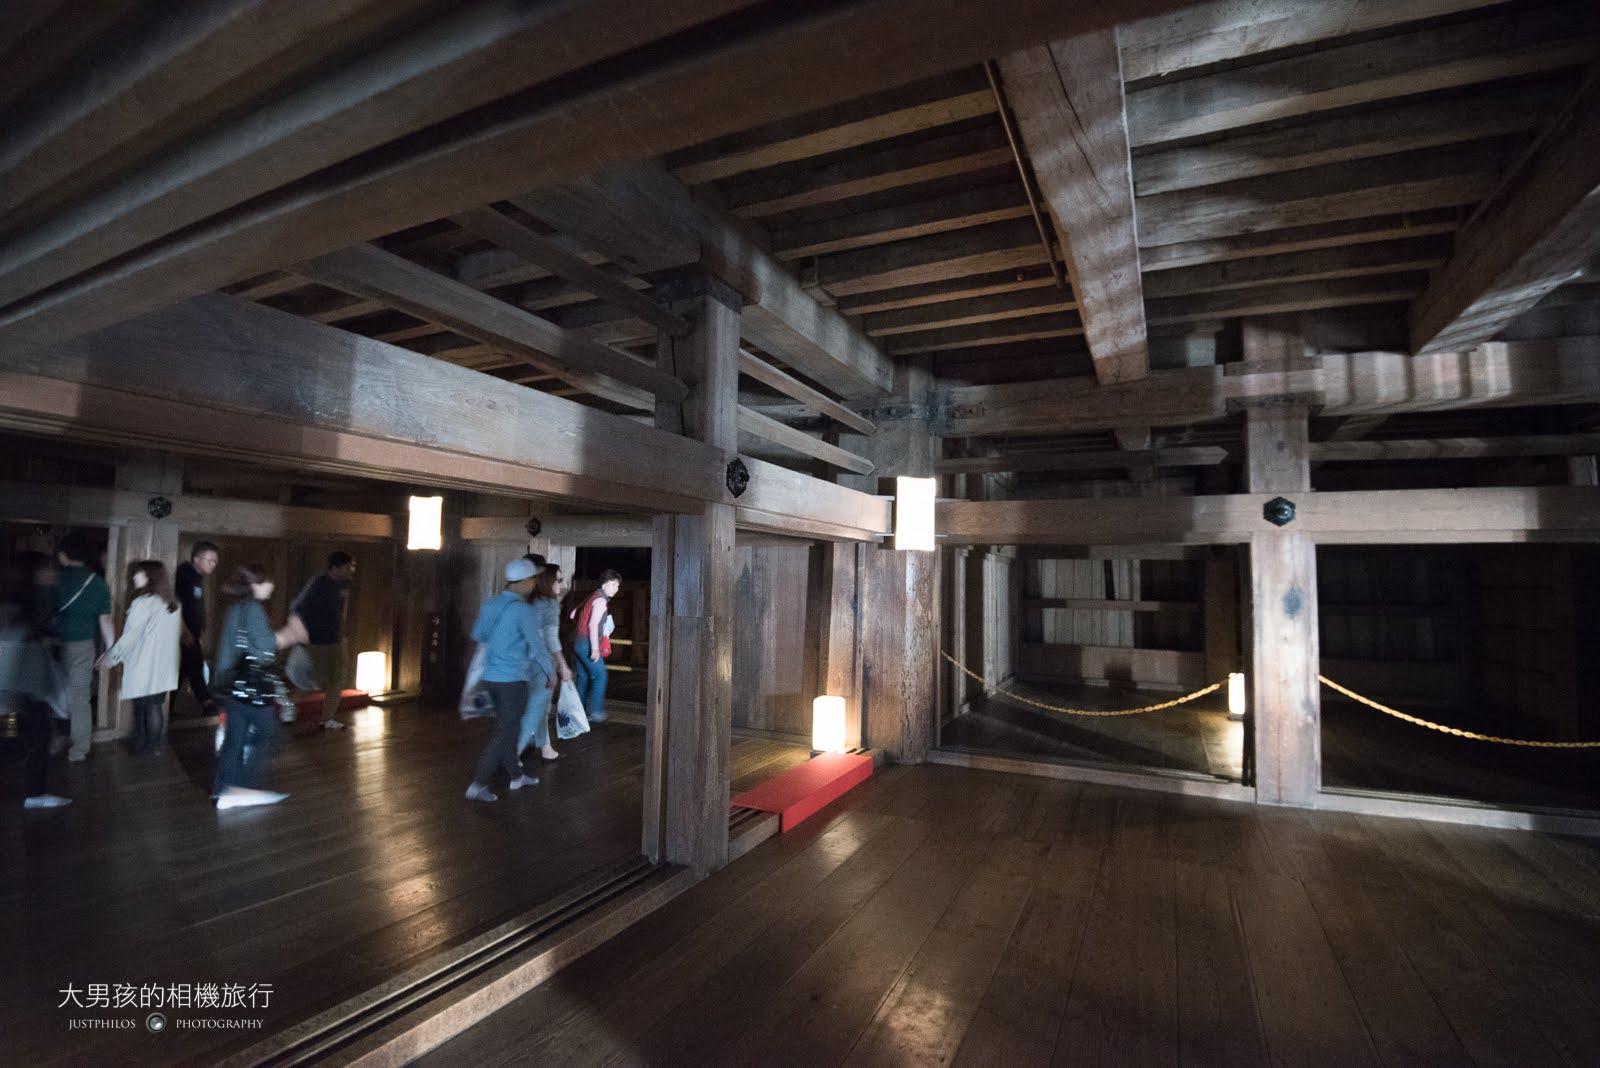 姬路城天守閣內部以大片木柱與木質地板為主,保存滿完善的。